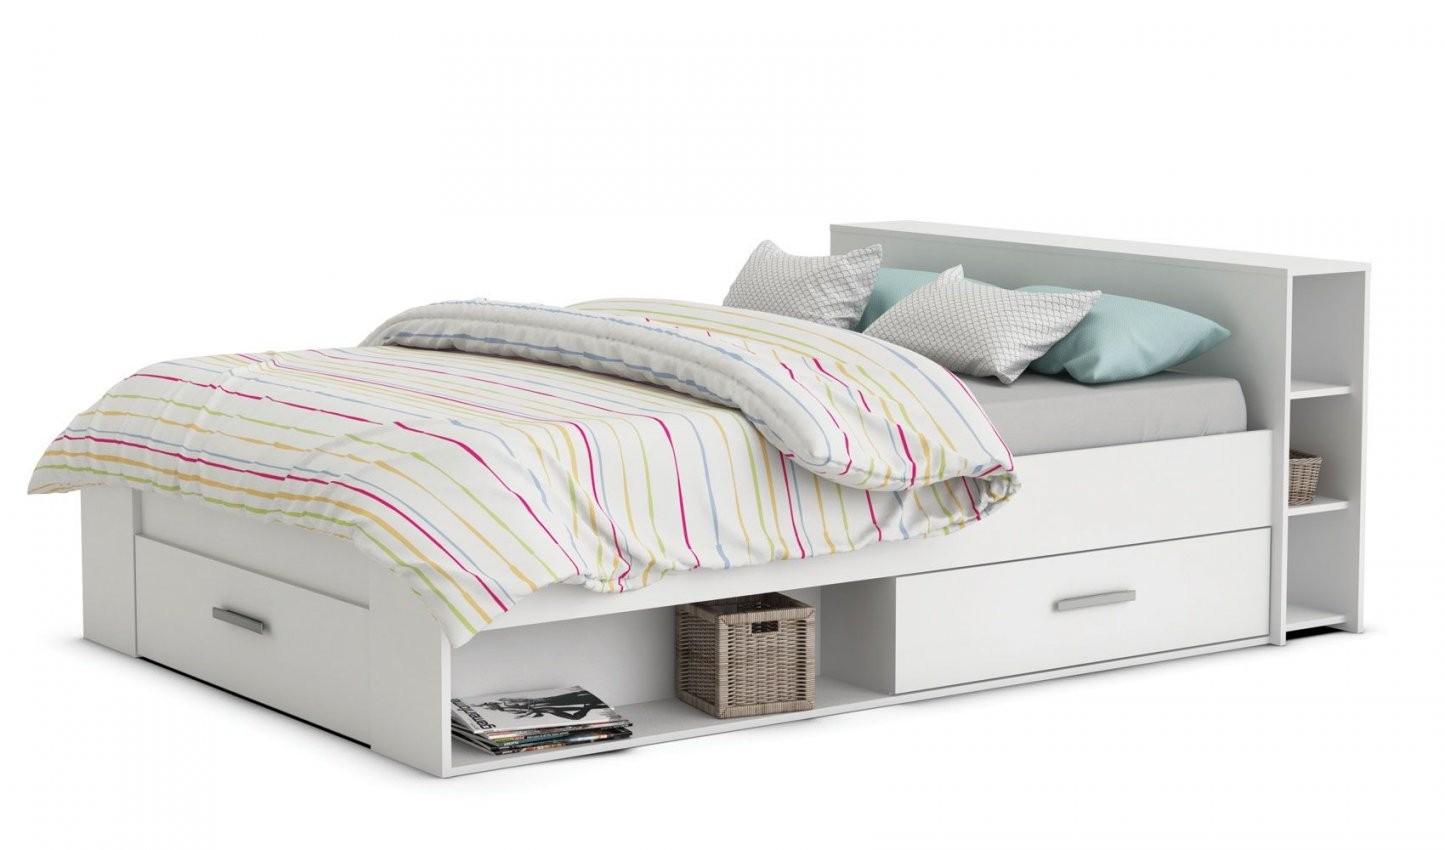 Angenehm Stauraum Bett 120X200 Bett 120X200 Galerien  Bedrooms In von Bett Mit Stauraum 120X200 Bild